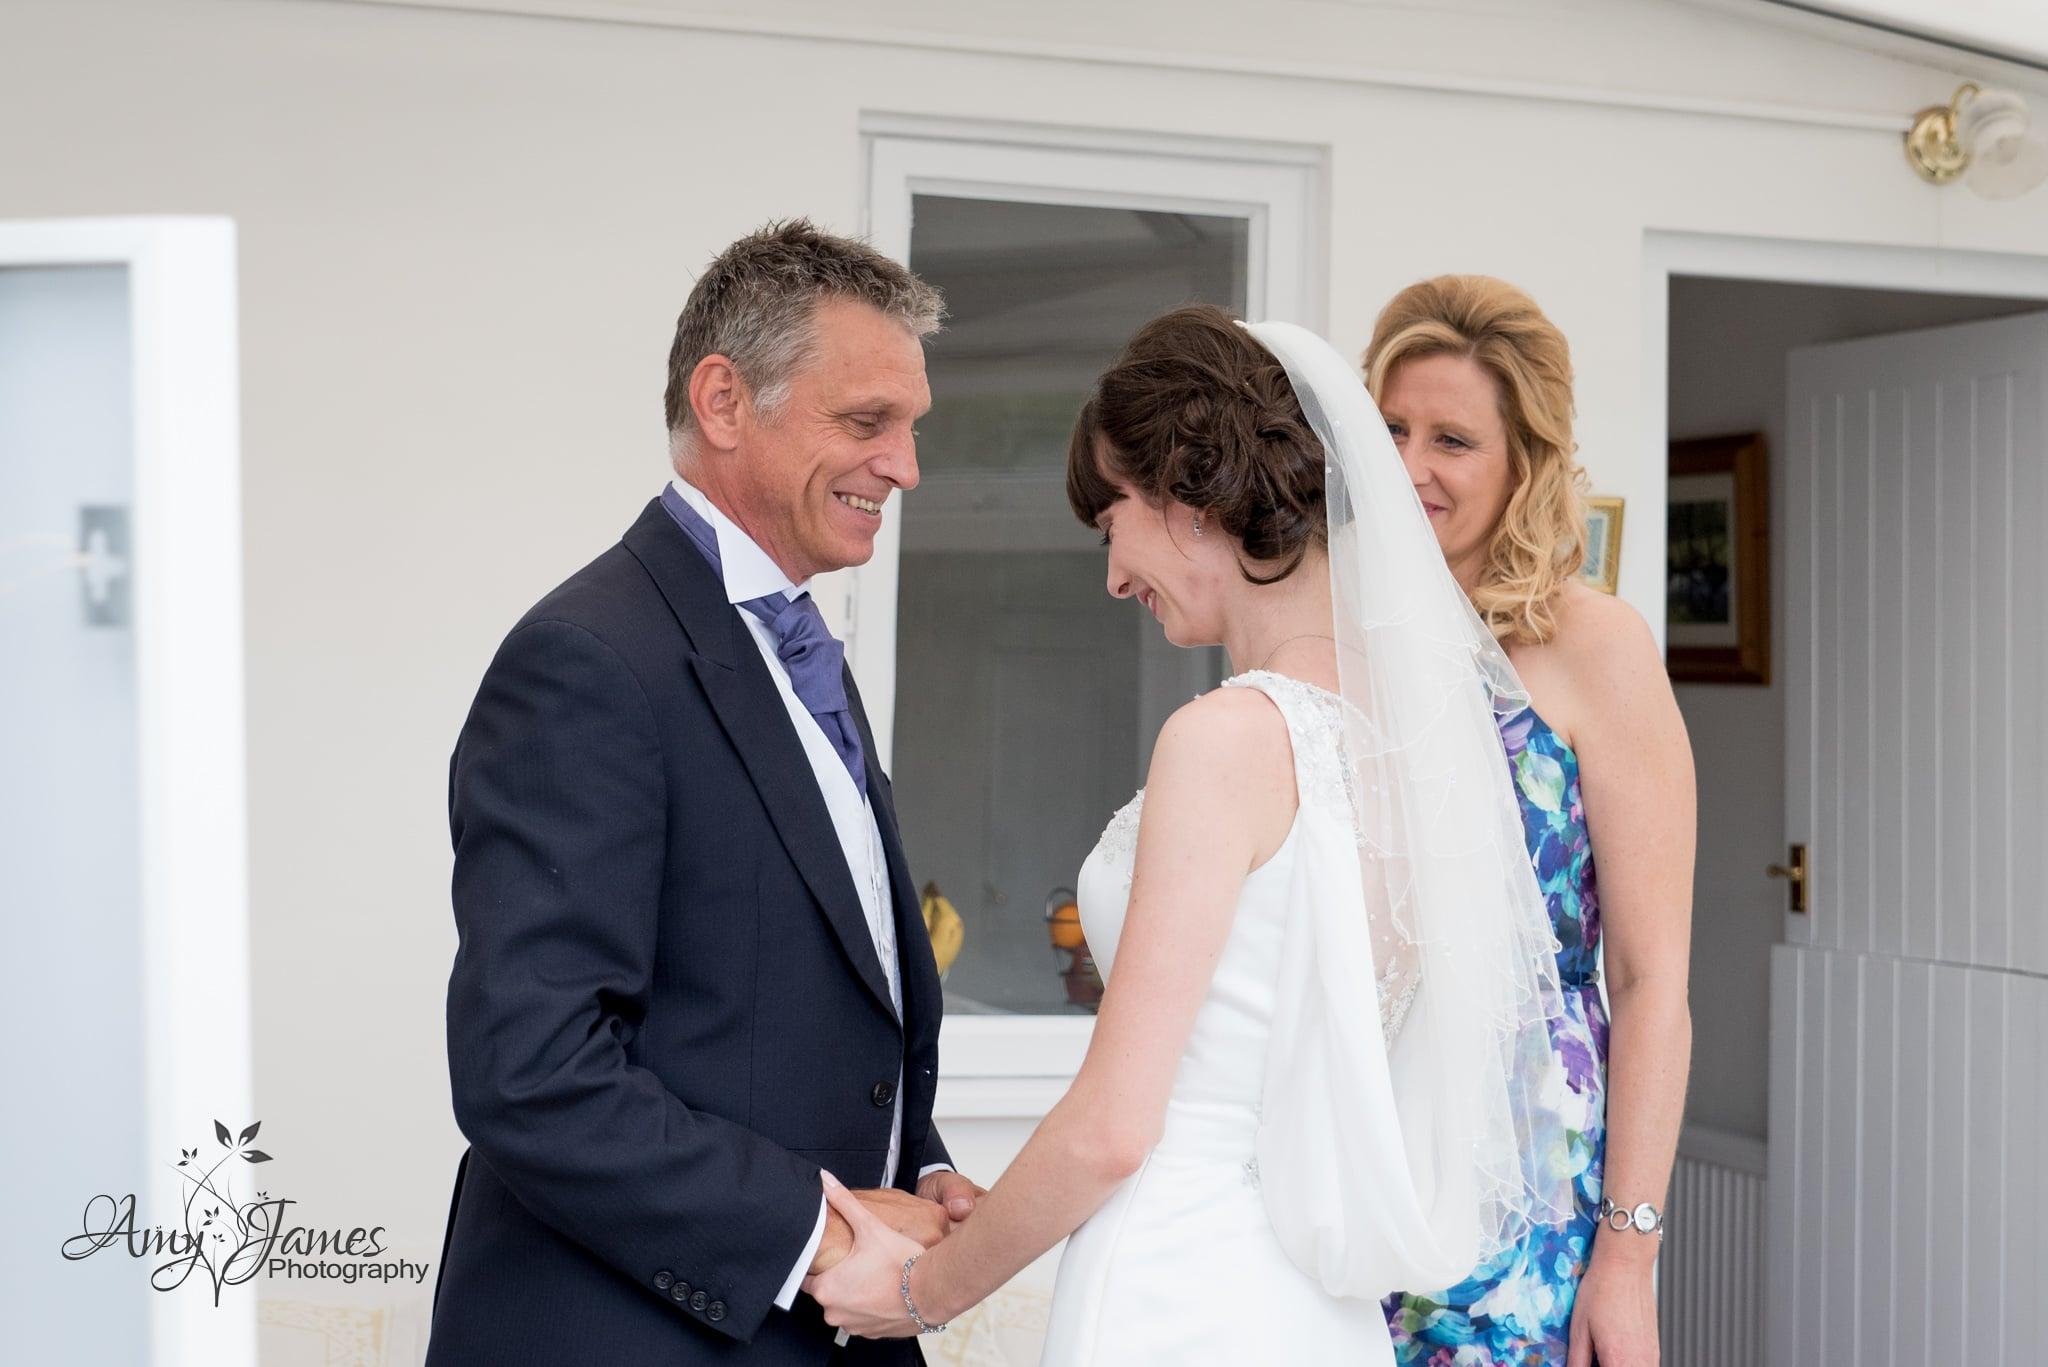 Hampsire wedding photographer